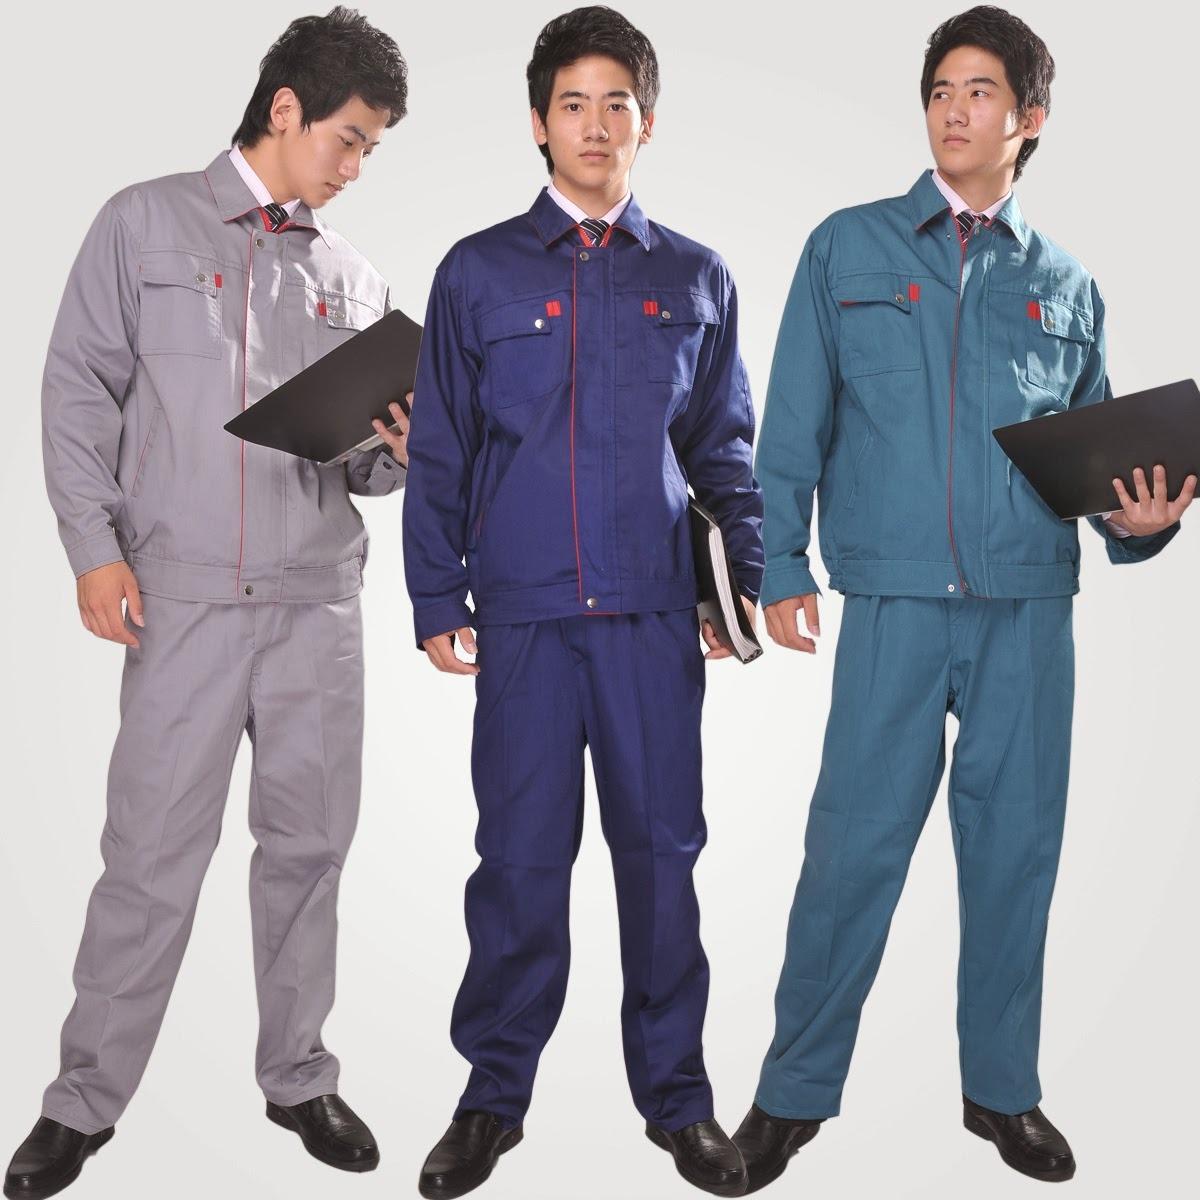 Đồng phục bảo hộ tay dài an toàn